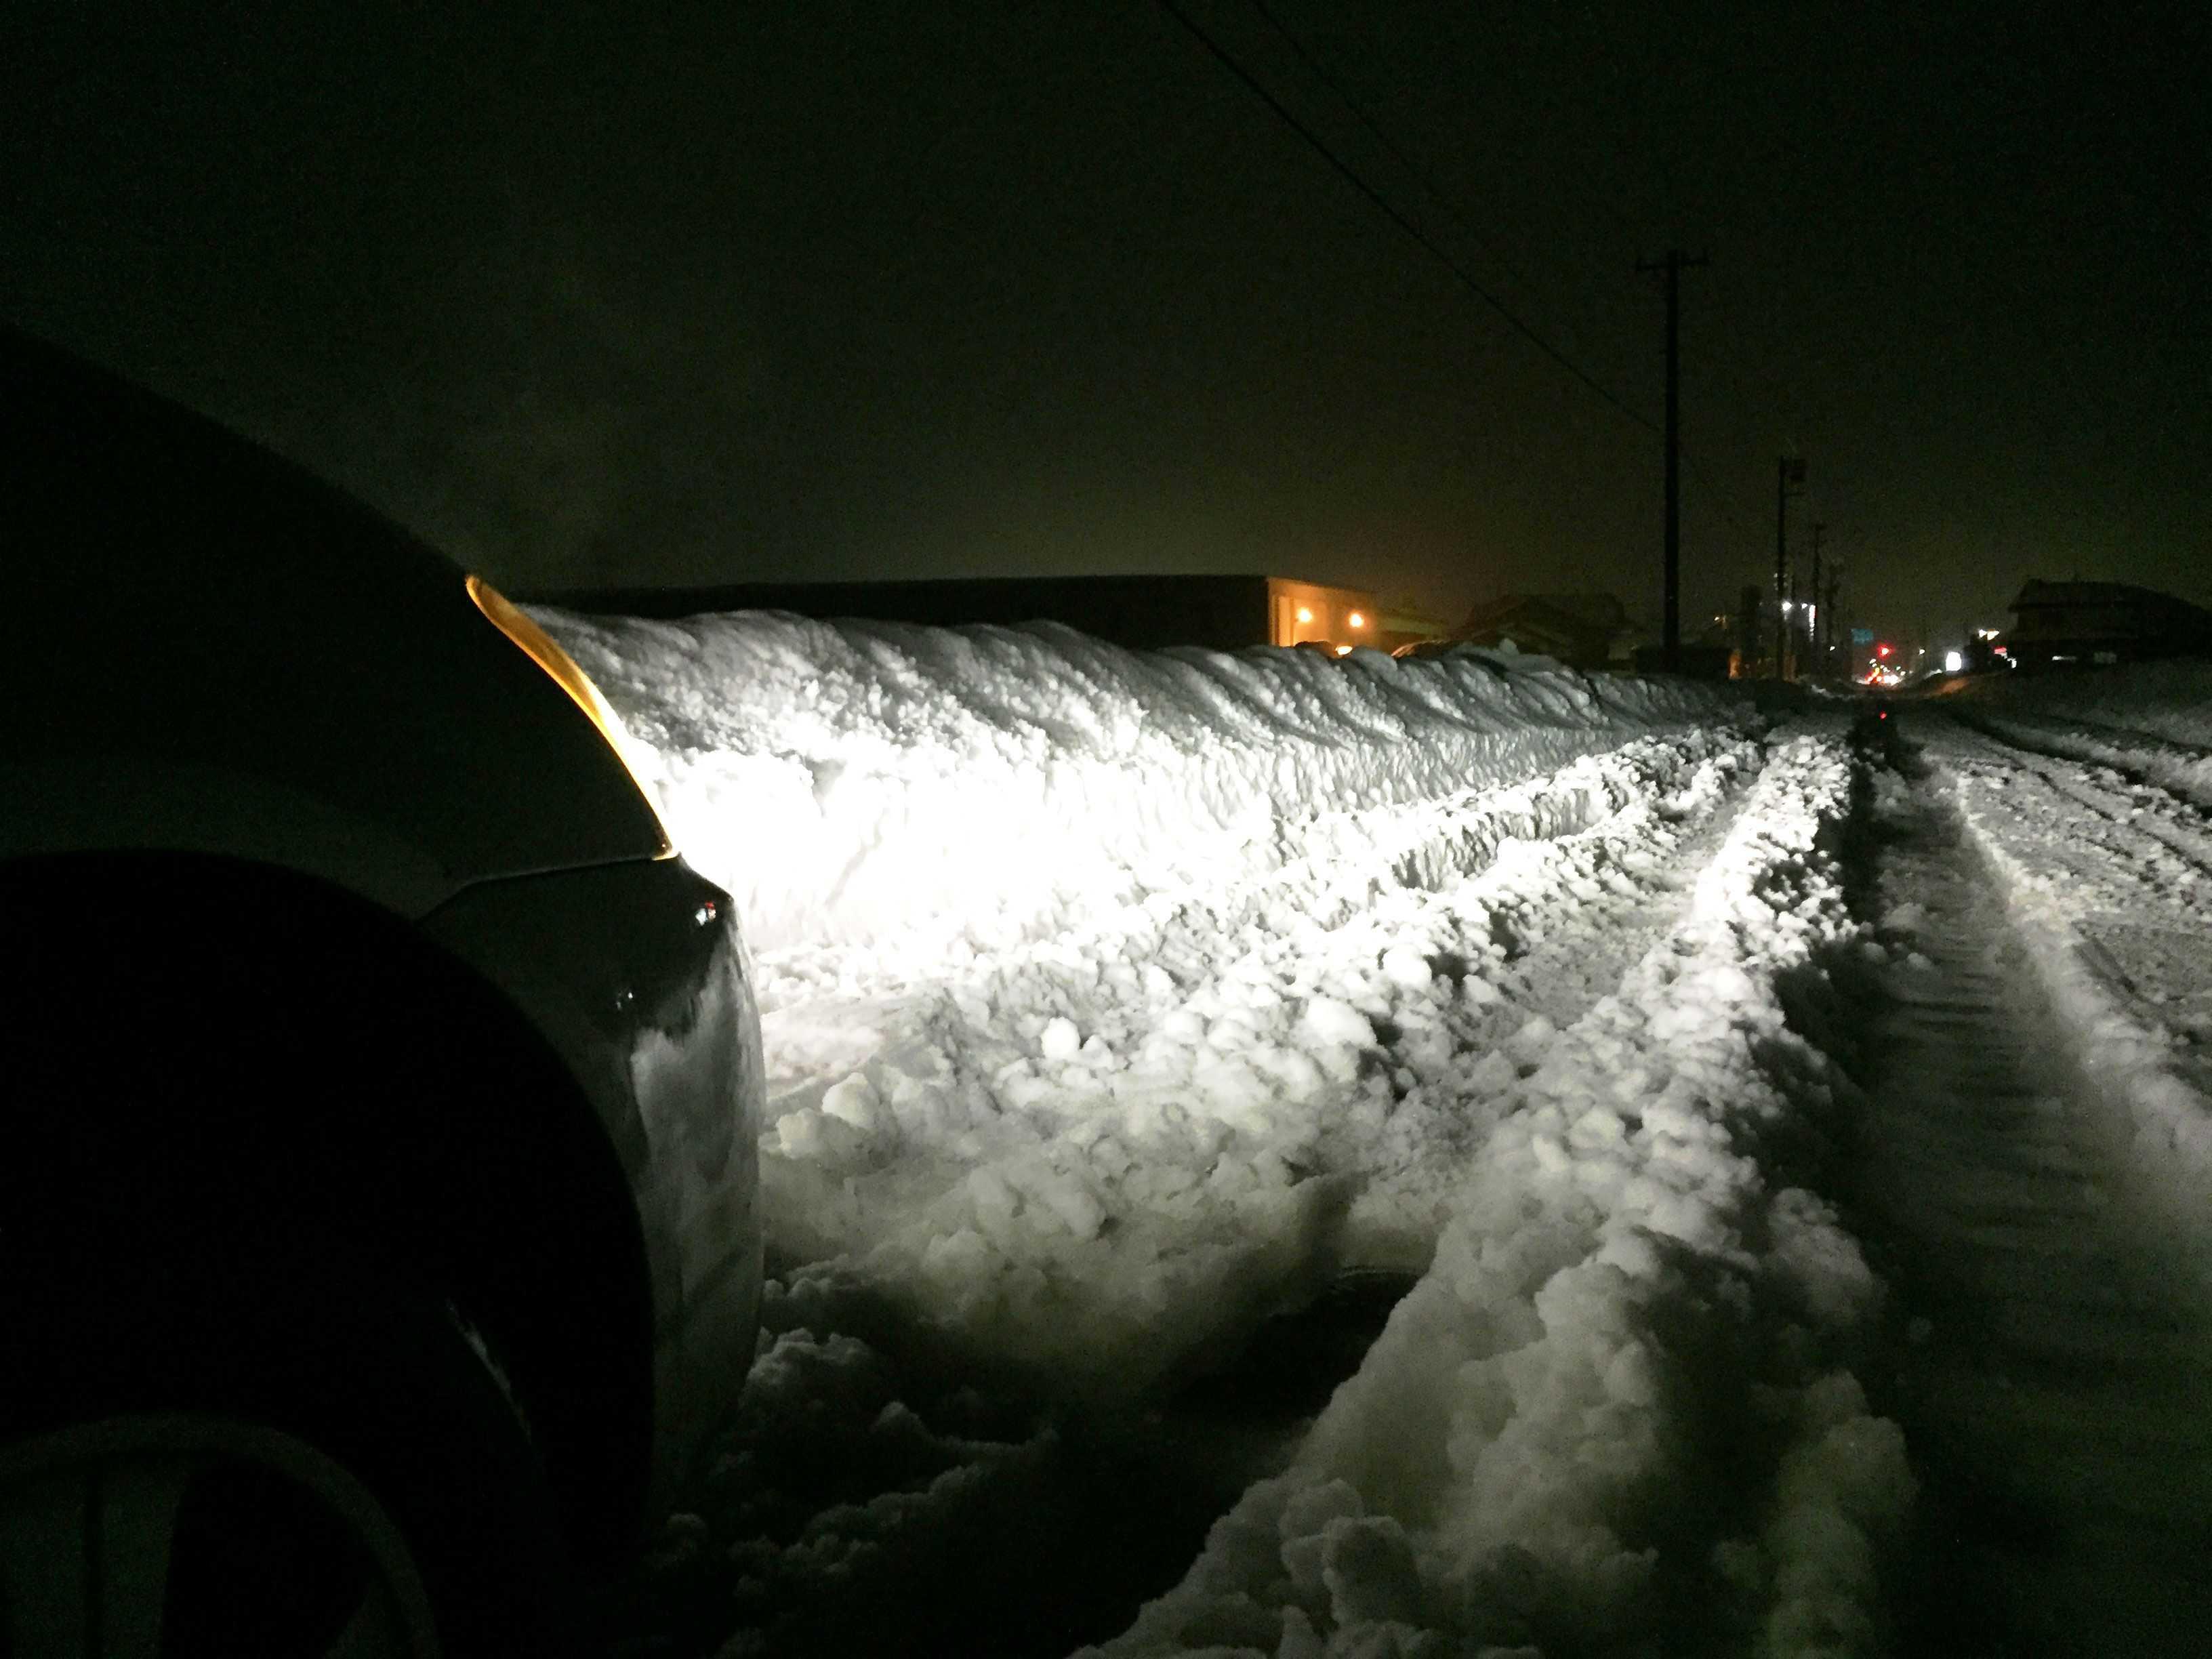 20180210_福井大雪 昭和56豪雪に匹敵する大雪 車スリップ立ち往生02